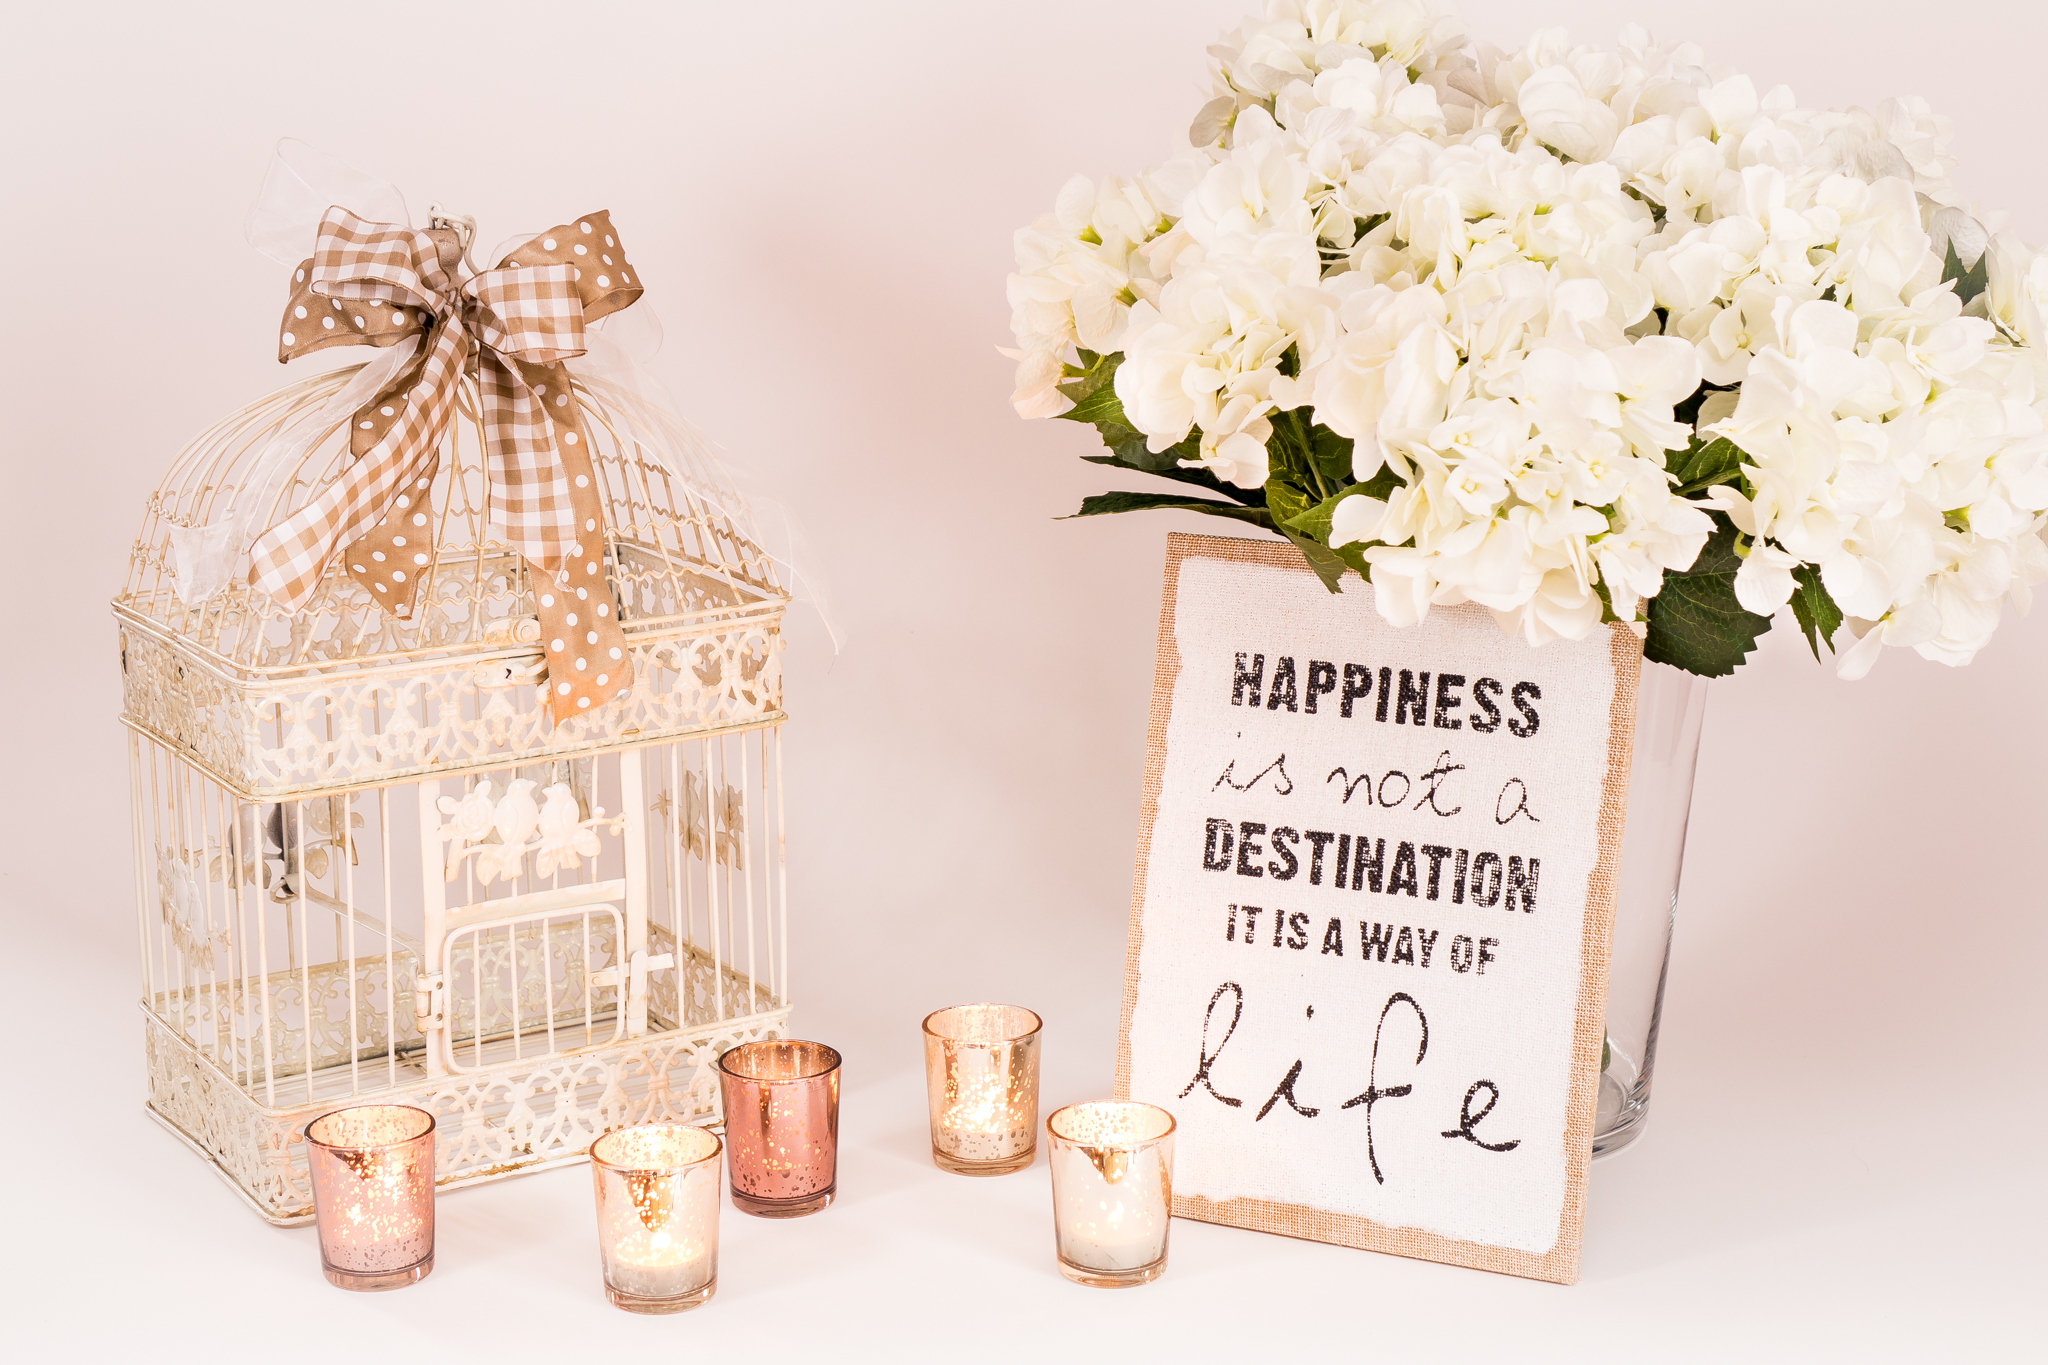 Vogelkäfig - Hortensien - Kerzen